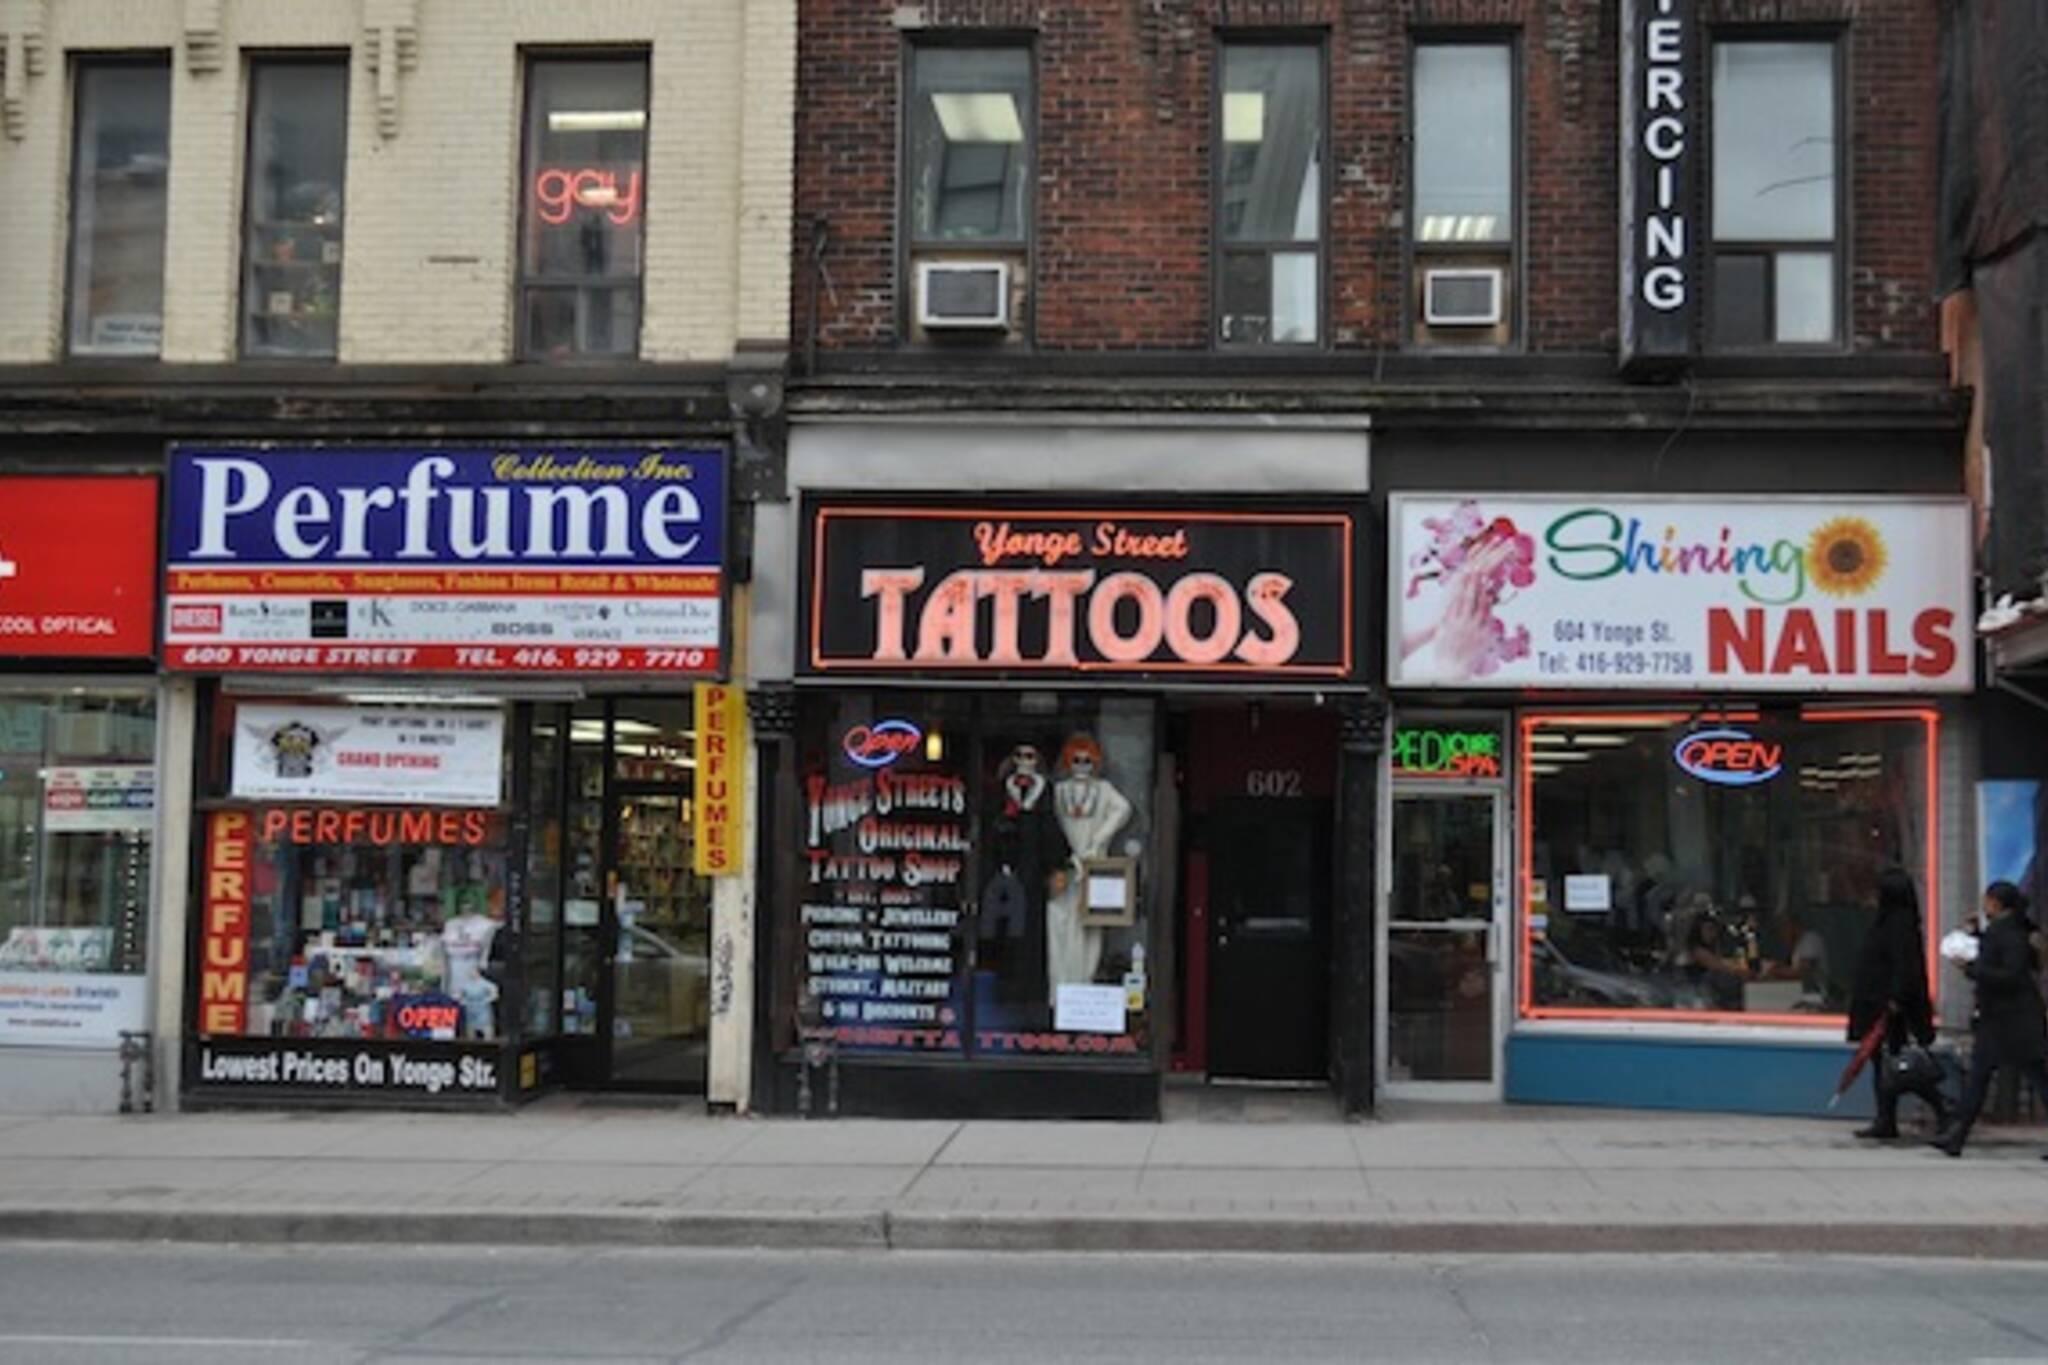 Yonge Street Tattoos